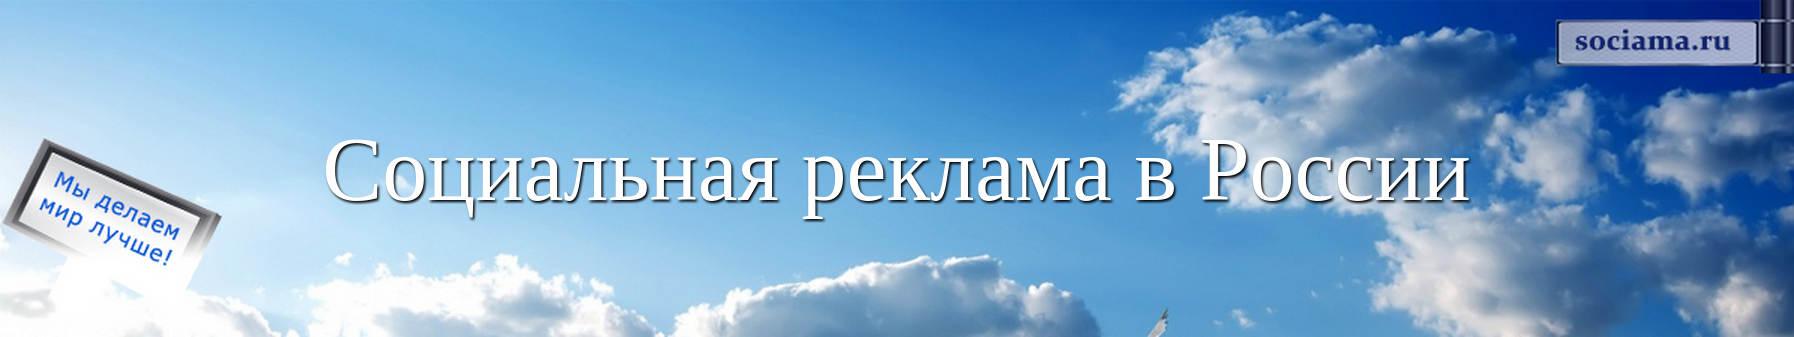 Социальная реклама в России